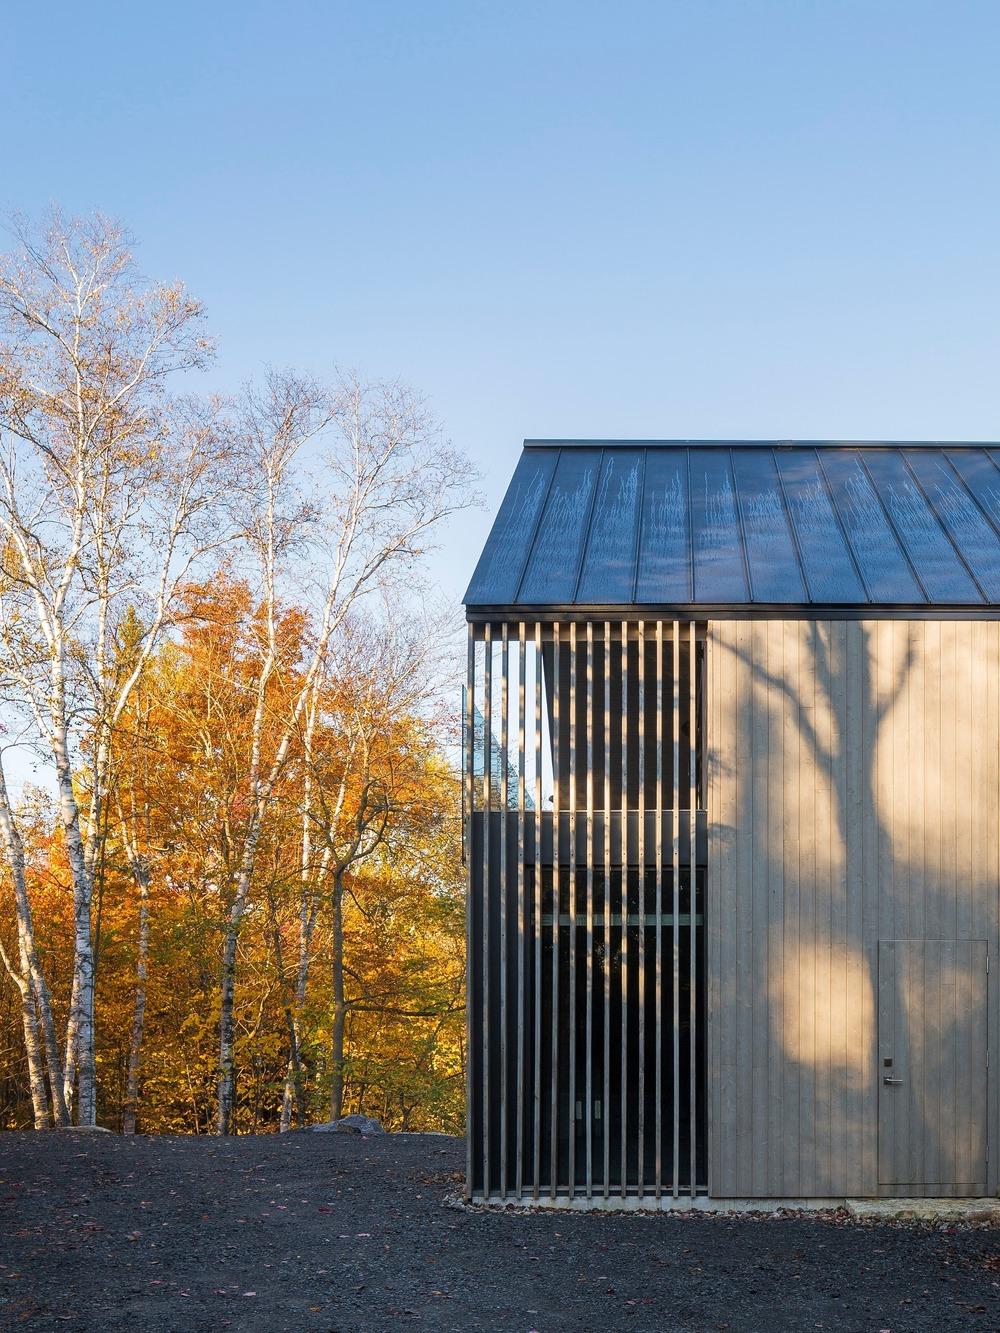 45057 preview low 880 13 45057 sc v2com - L'Atelier de la Falaise, quand la nature se met au service de la création artistique